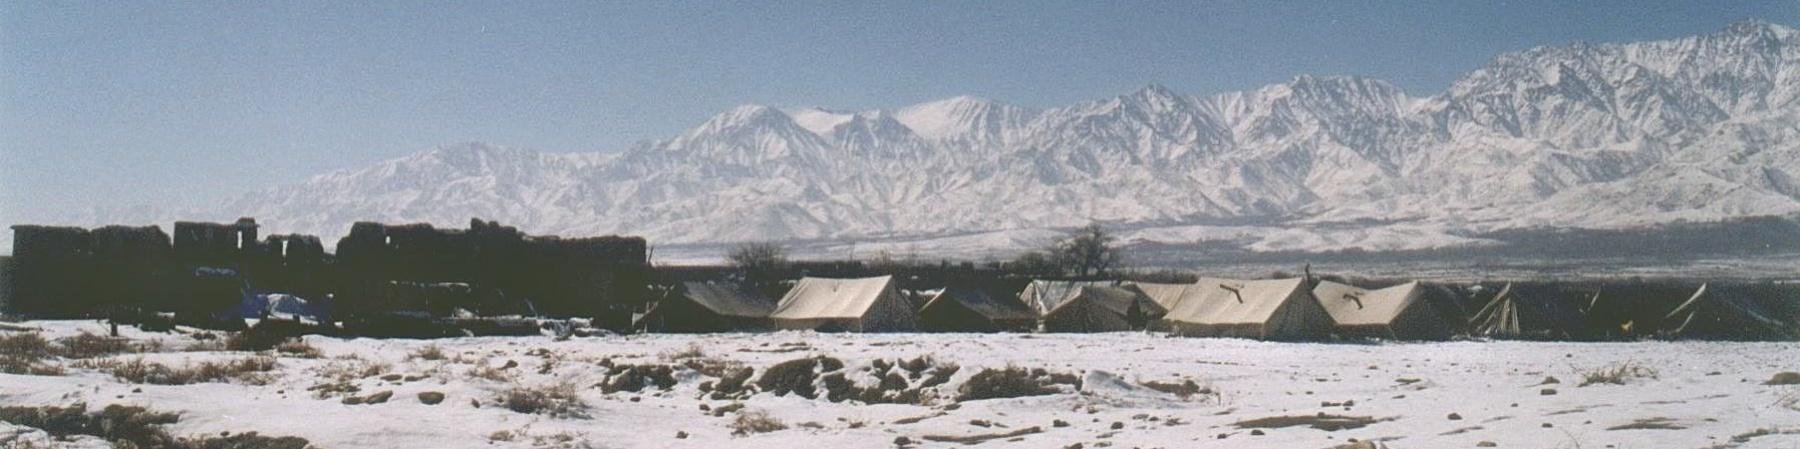 tende di un campo profughi su un campo di neve ai piedi di alte montagne innevate in afghanistan